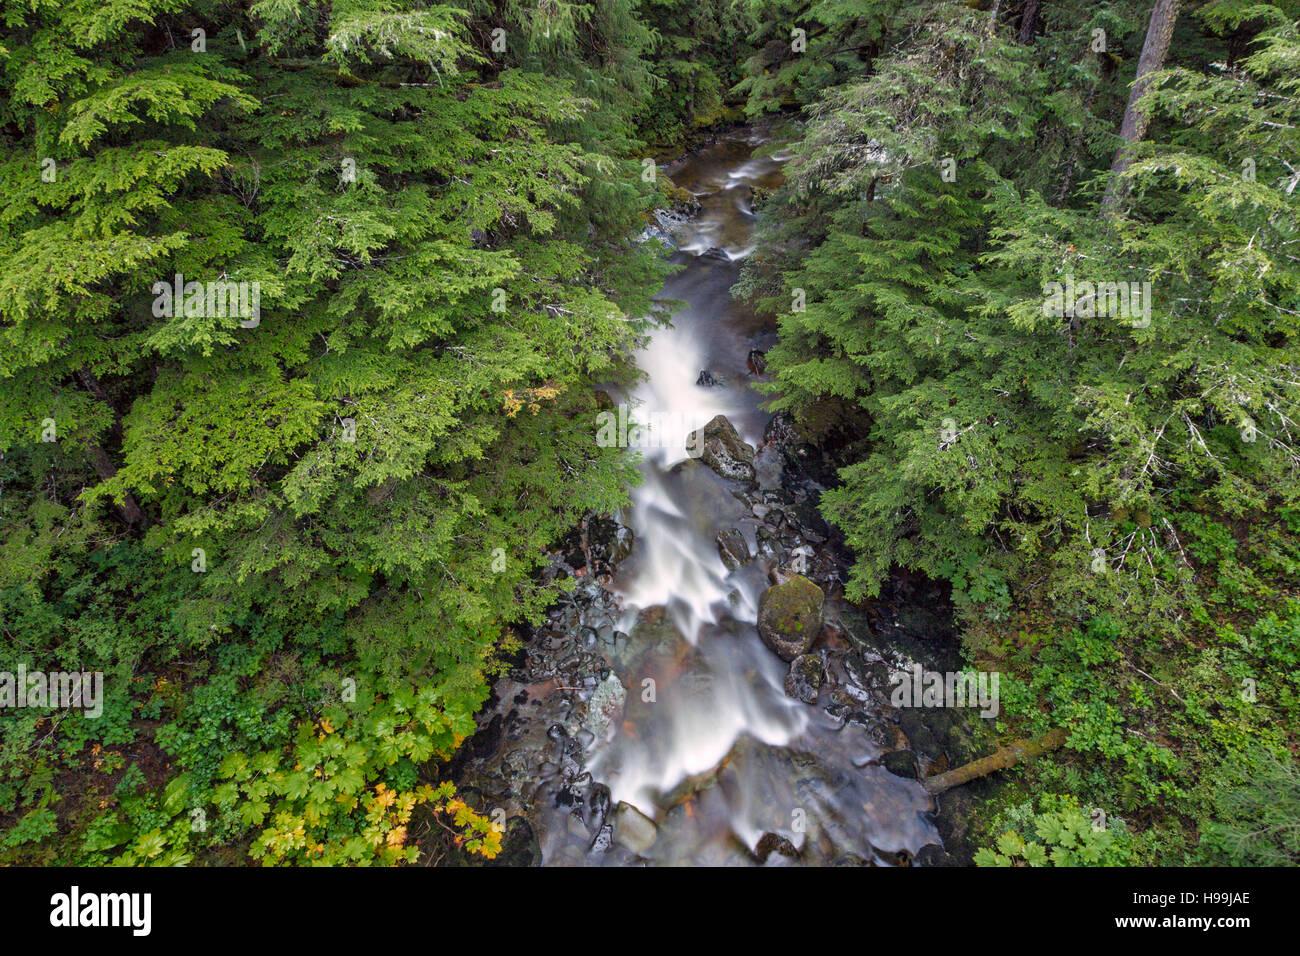 Un fiume della costiera temperata foresta pluviale, Tongass National Forest, Alaska, STATI UNITI D'AMERICA Foto Stock